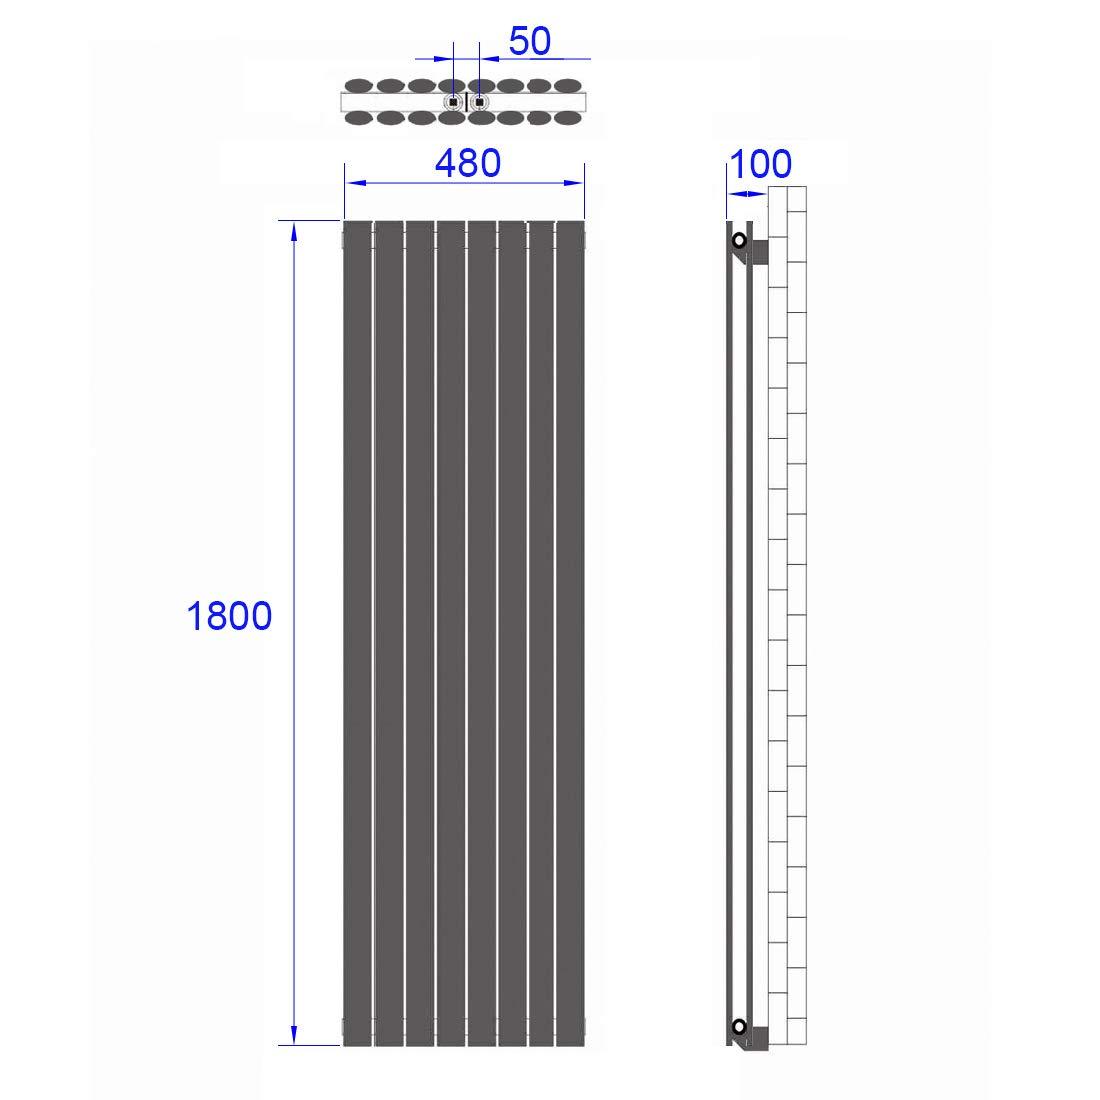 1881W Heizk/örper Design Paneelheizk/örper 600x1180mm Antrazit Heizung Horizontaler Seitenanschluss Doppellagig